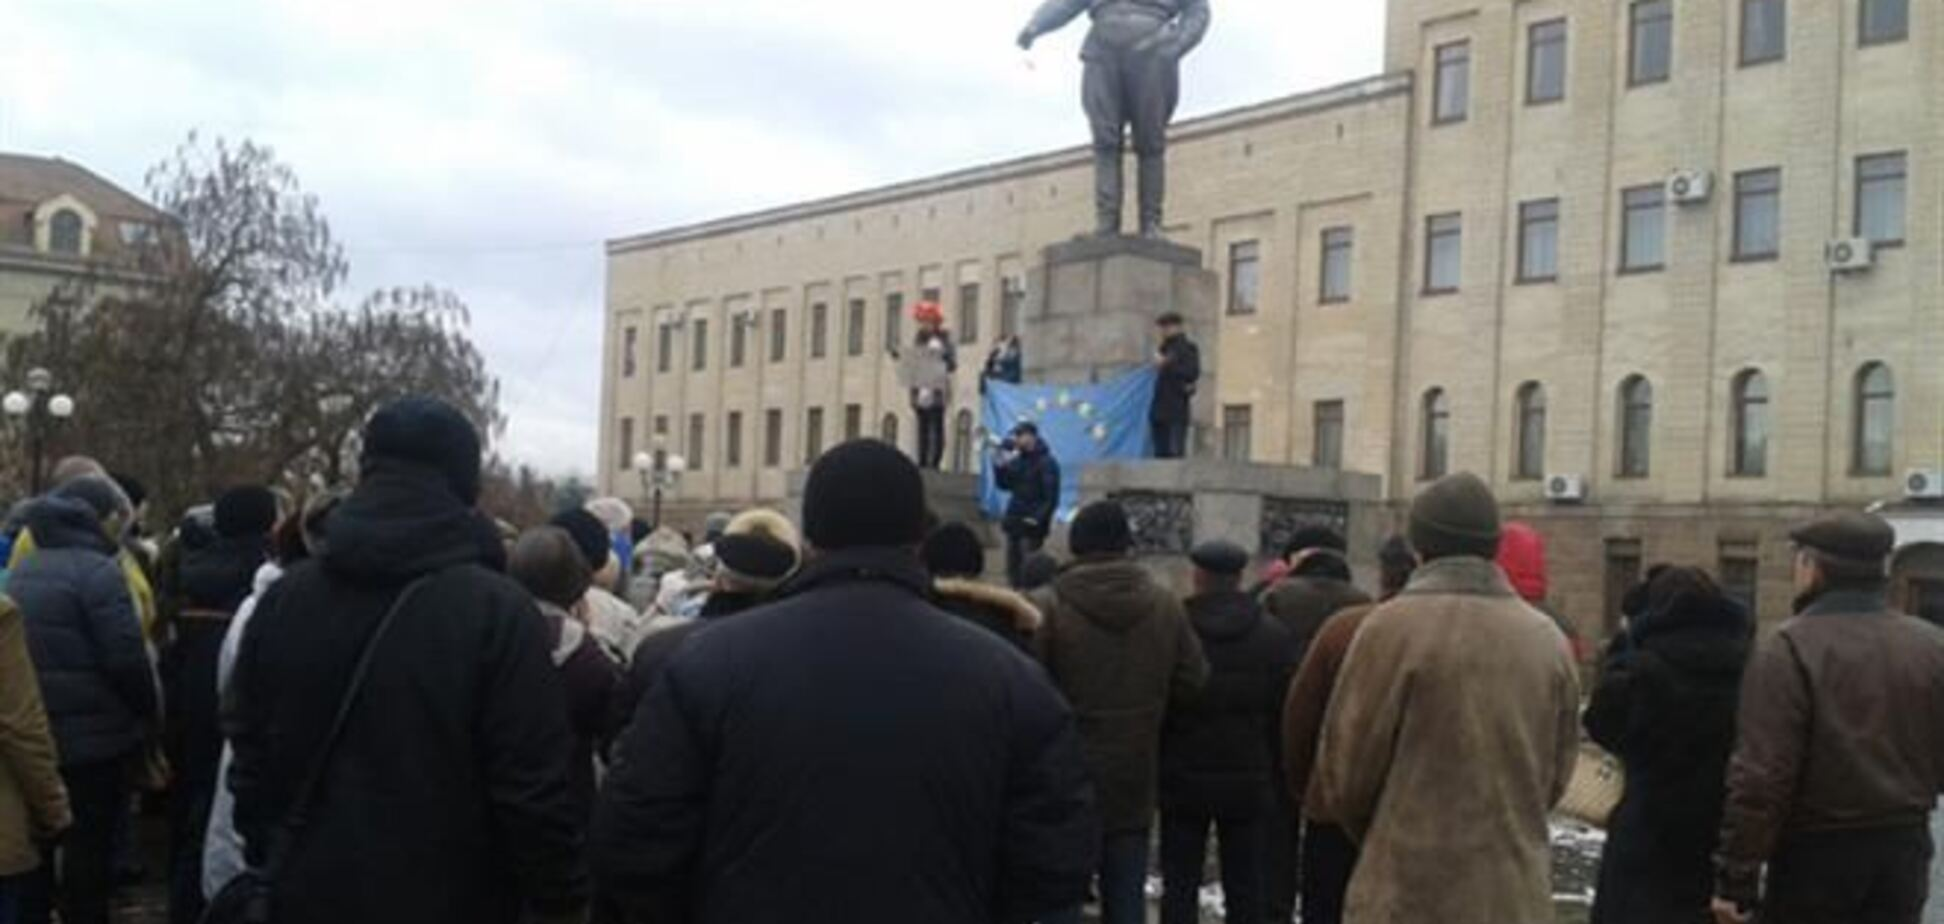 Митинги проходят в Харькове, Виннице, Тернополе, Николаеве, Кировограде, Львове, Одессе, Полтаве